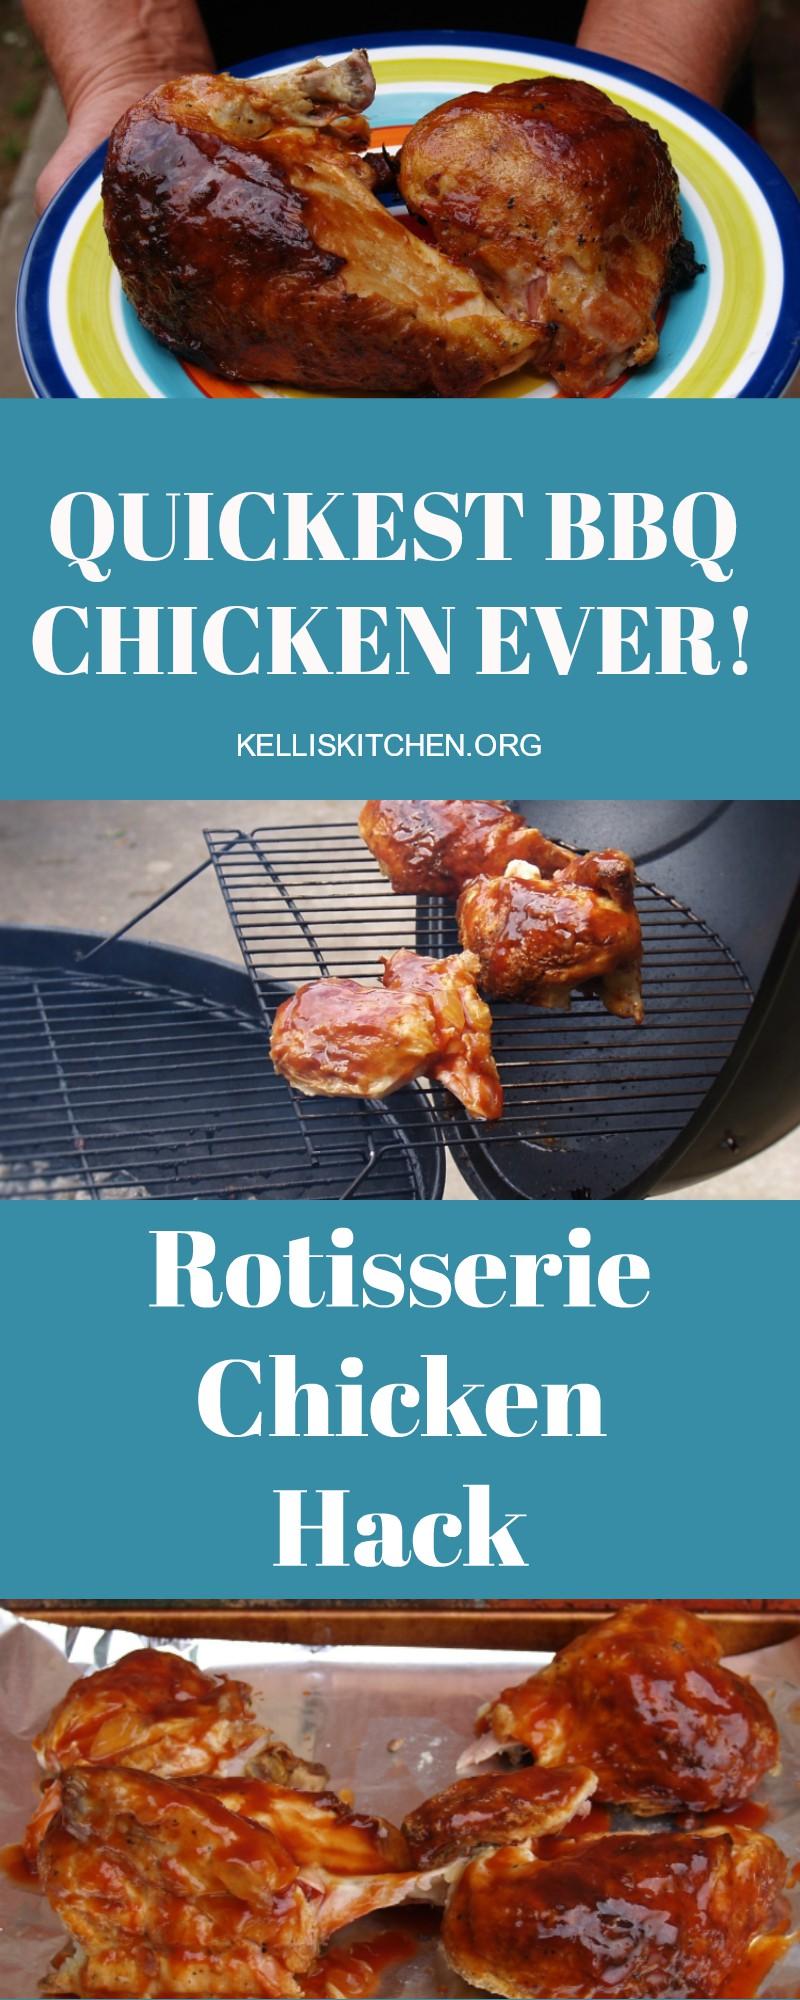 Quickest BBQ Chicken Ever! via @KitchenKelli